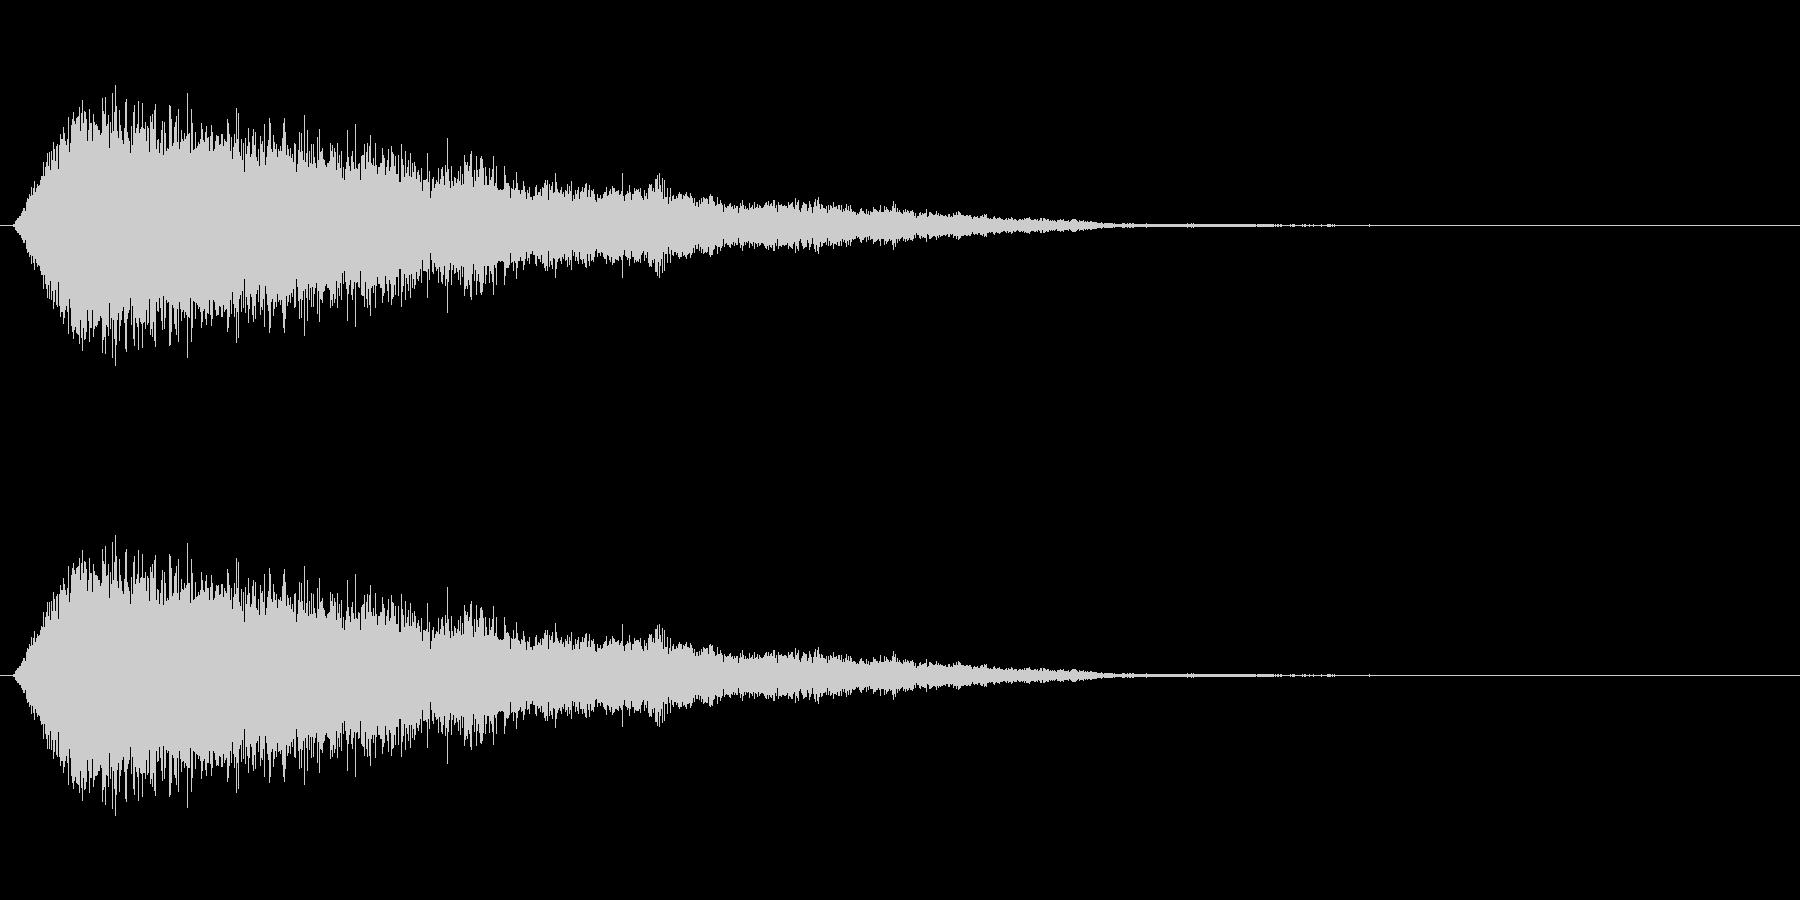 詠唱(詠唱者が輝く)の未再生の波形